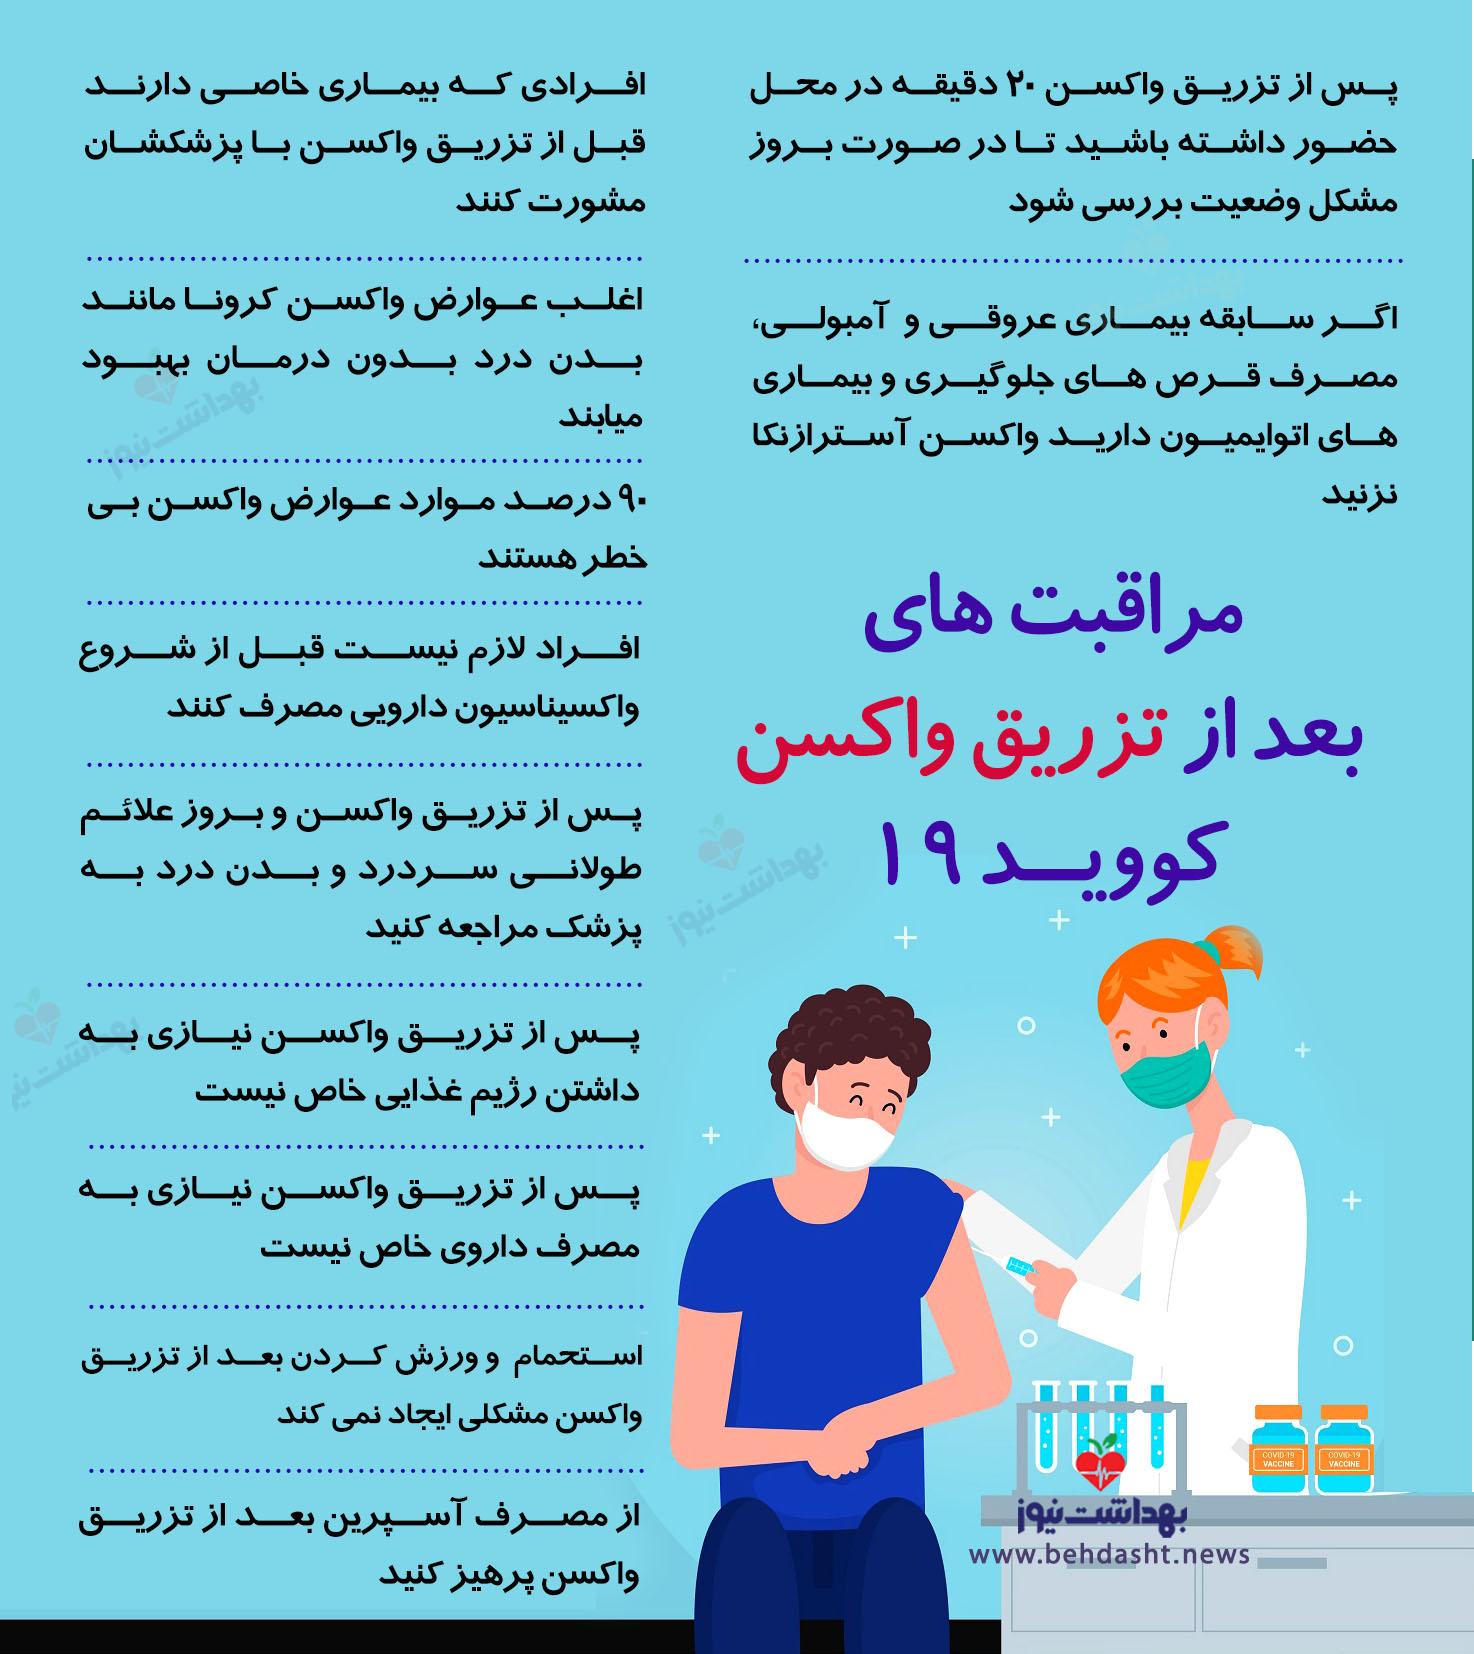 مراقبت های بعد از تزریق واکسن کوویــد 19 + اینفوگرافی